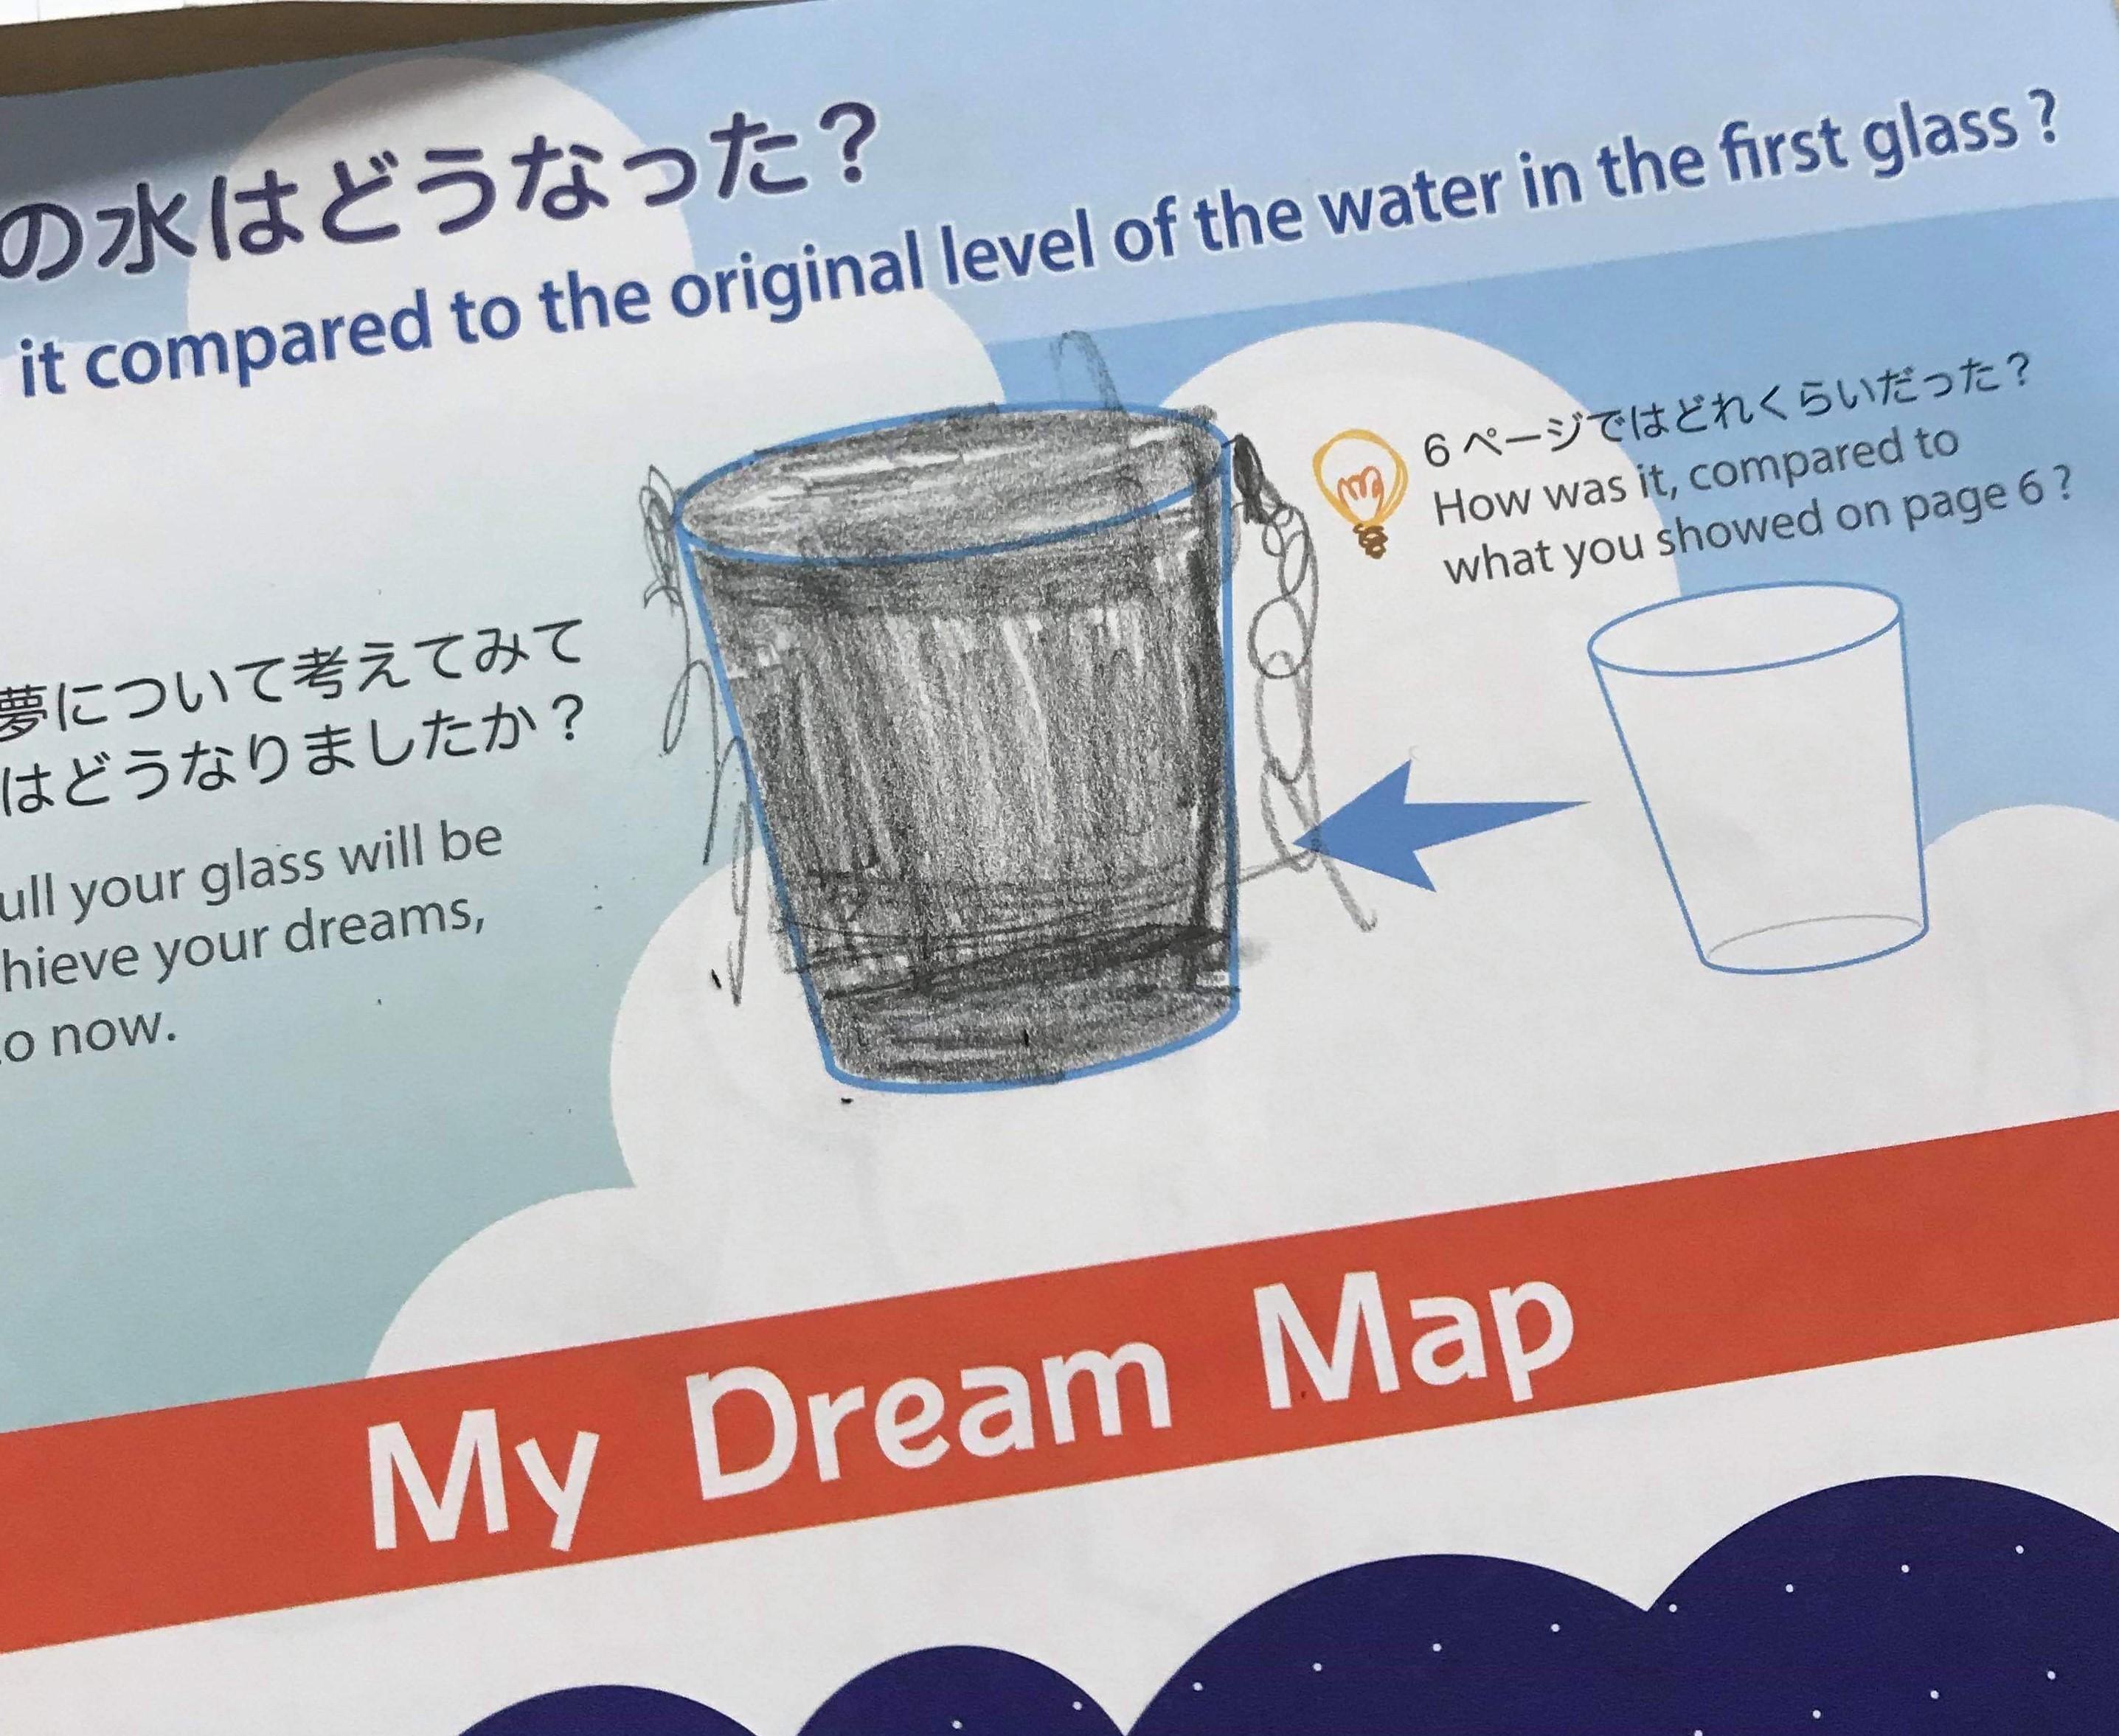 ドリームマップづくり 自分のことを水で表す